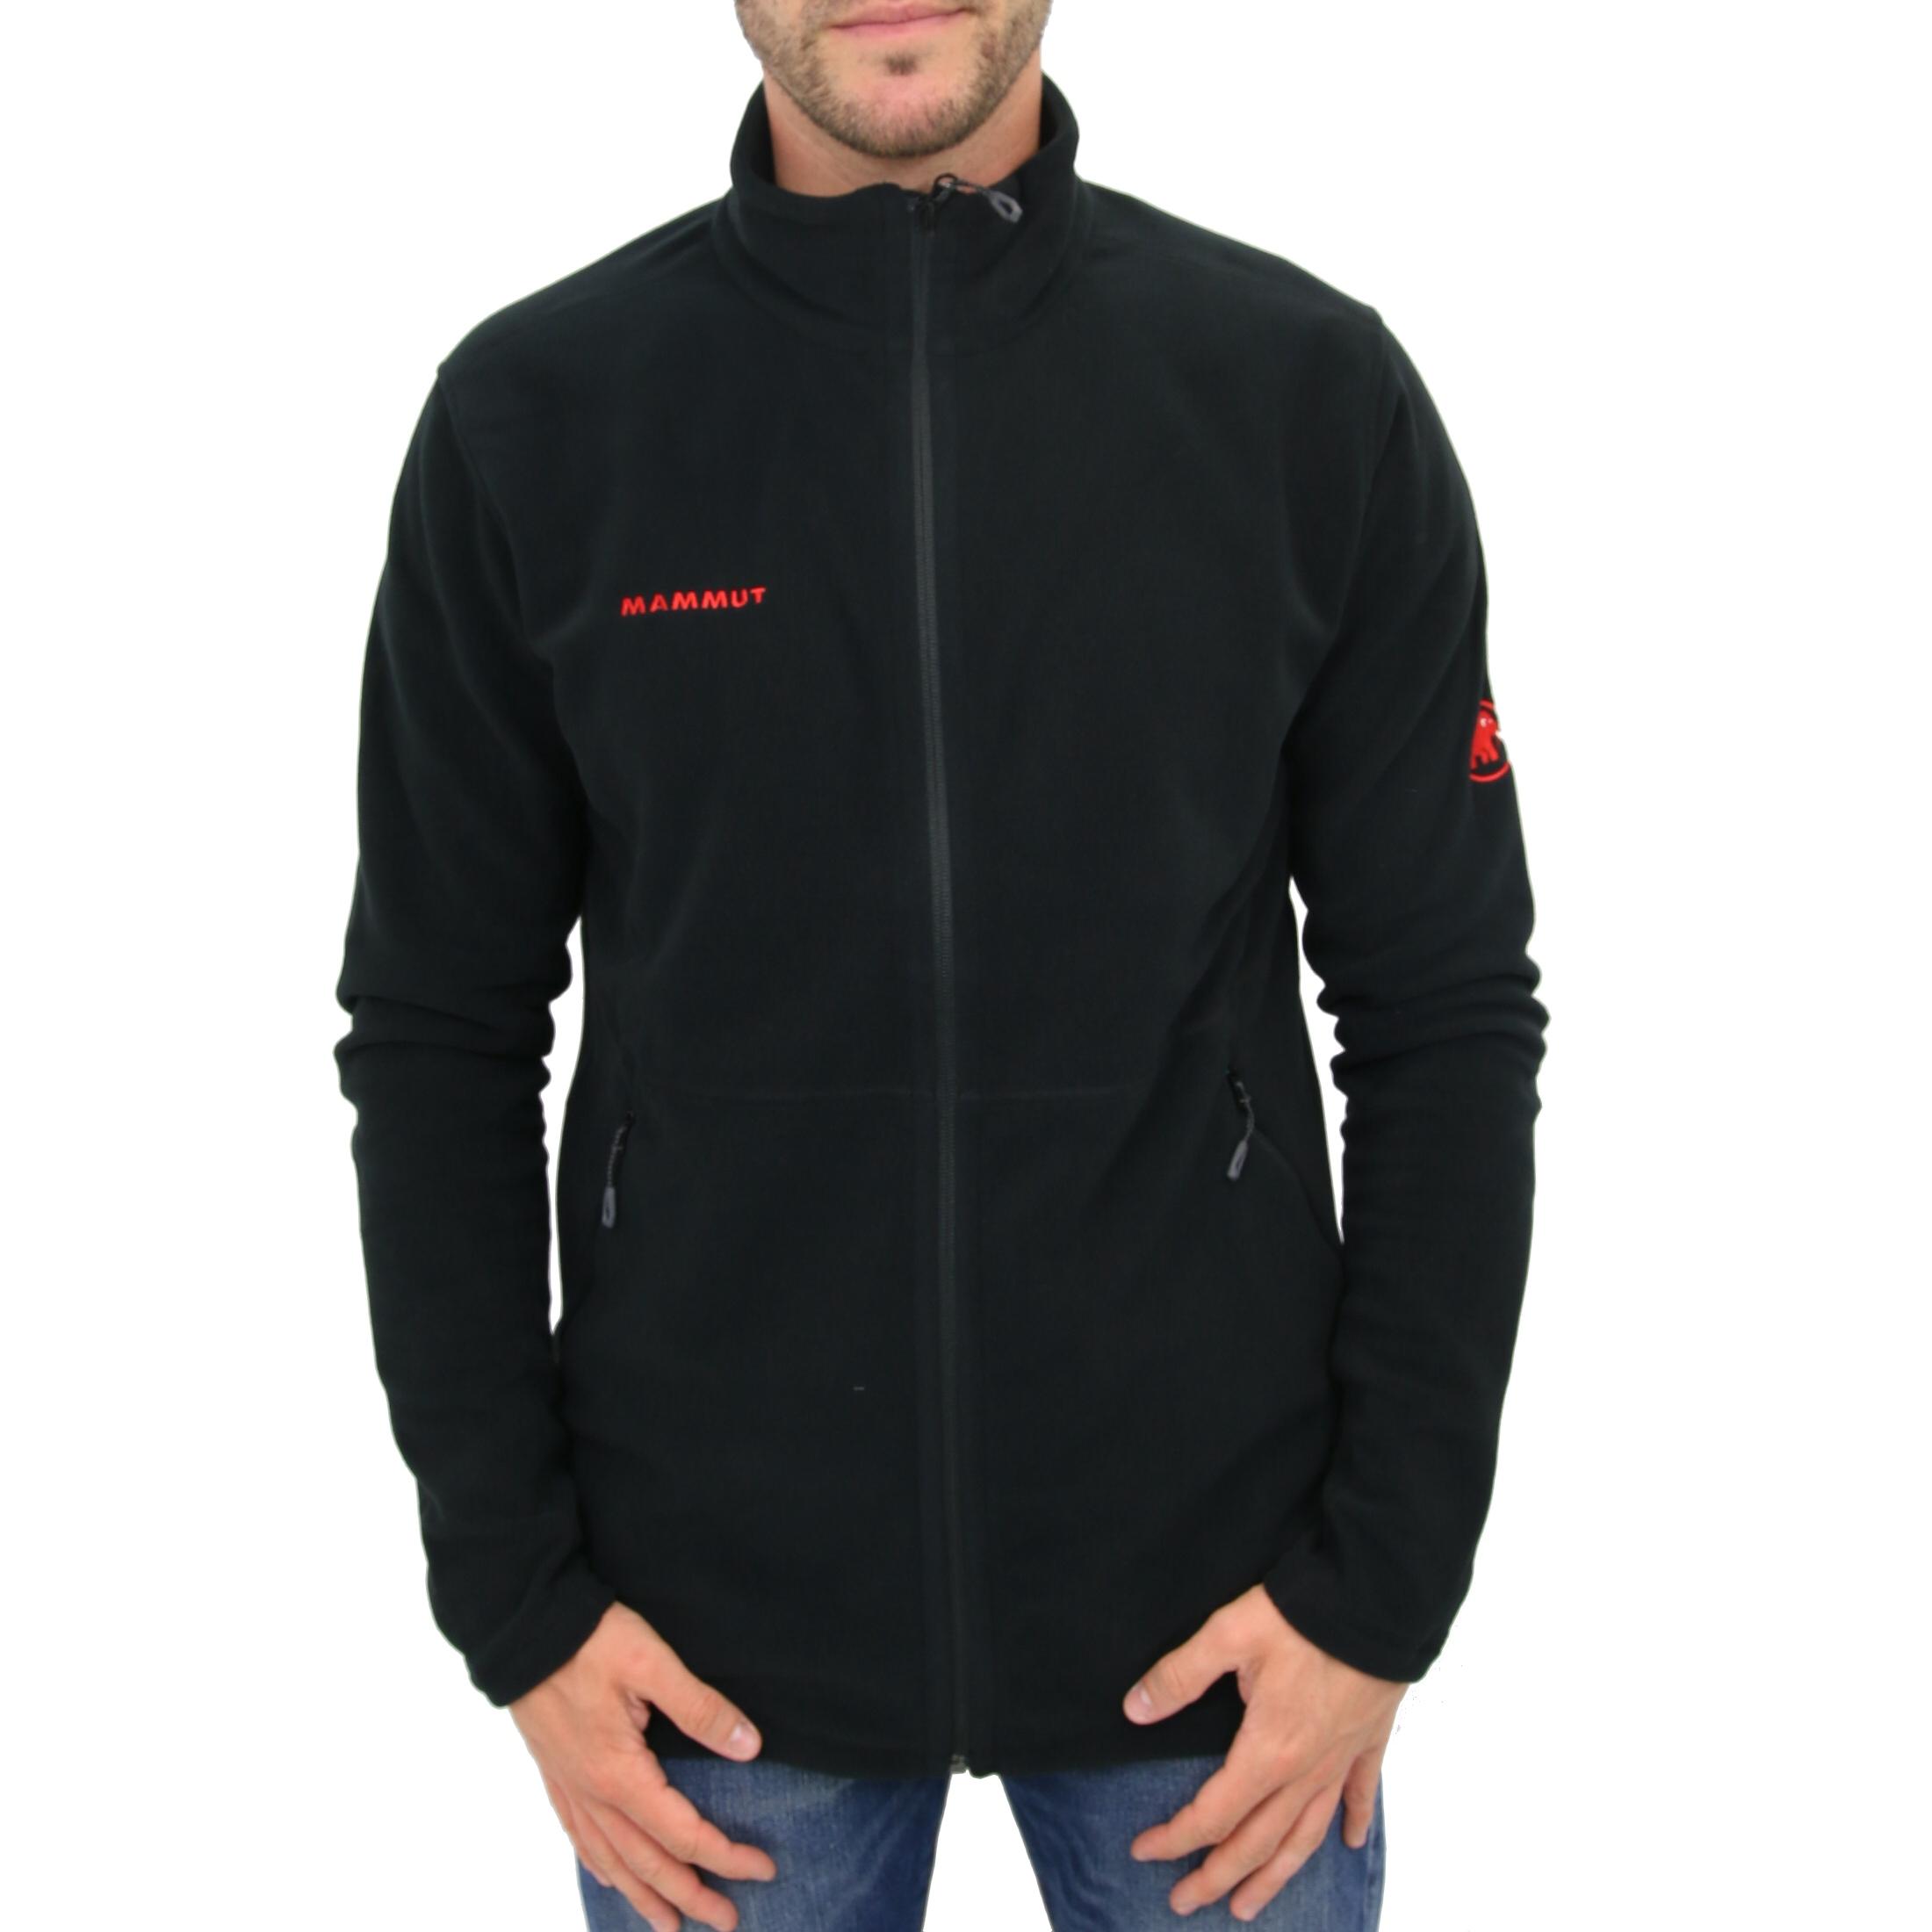 mammut yadkin ml jacket jacke fleecejacke outdoorjacke. Black Bedroom Furniture Sets. Home Design Ideas